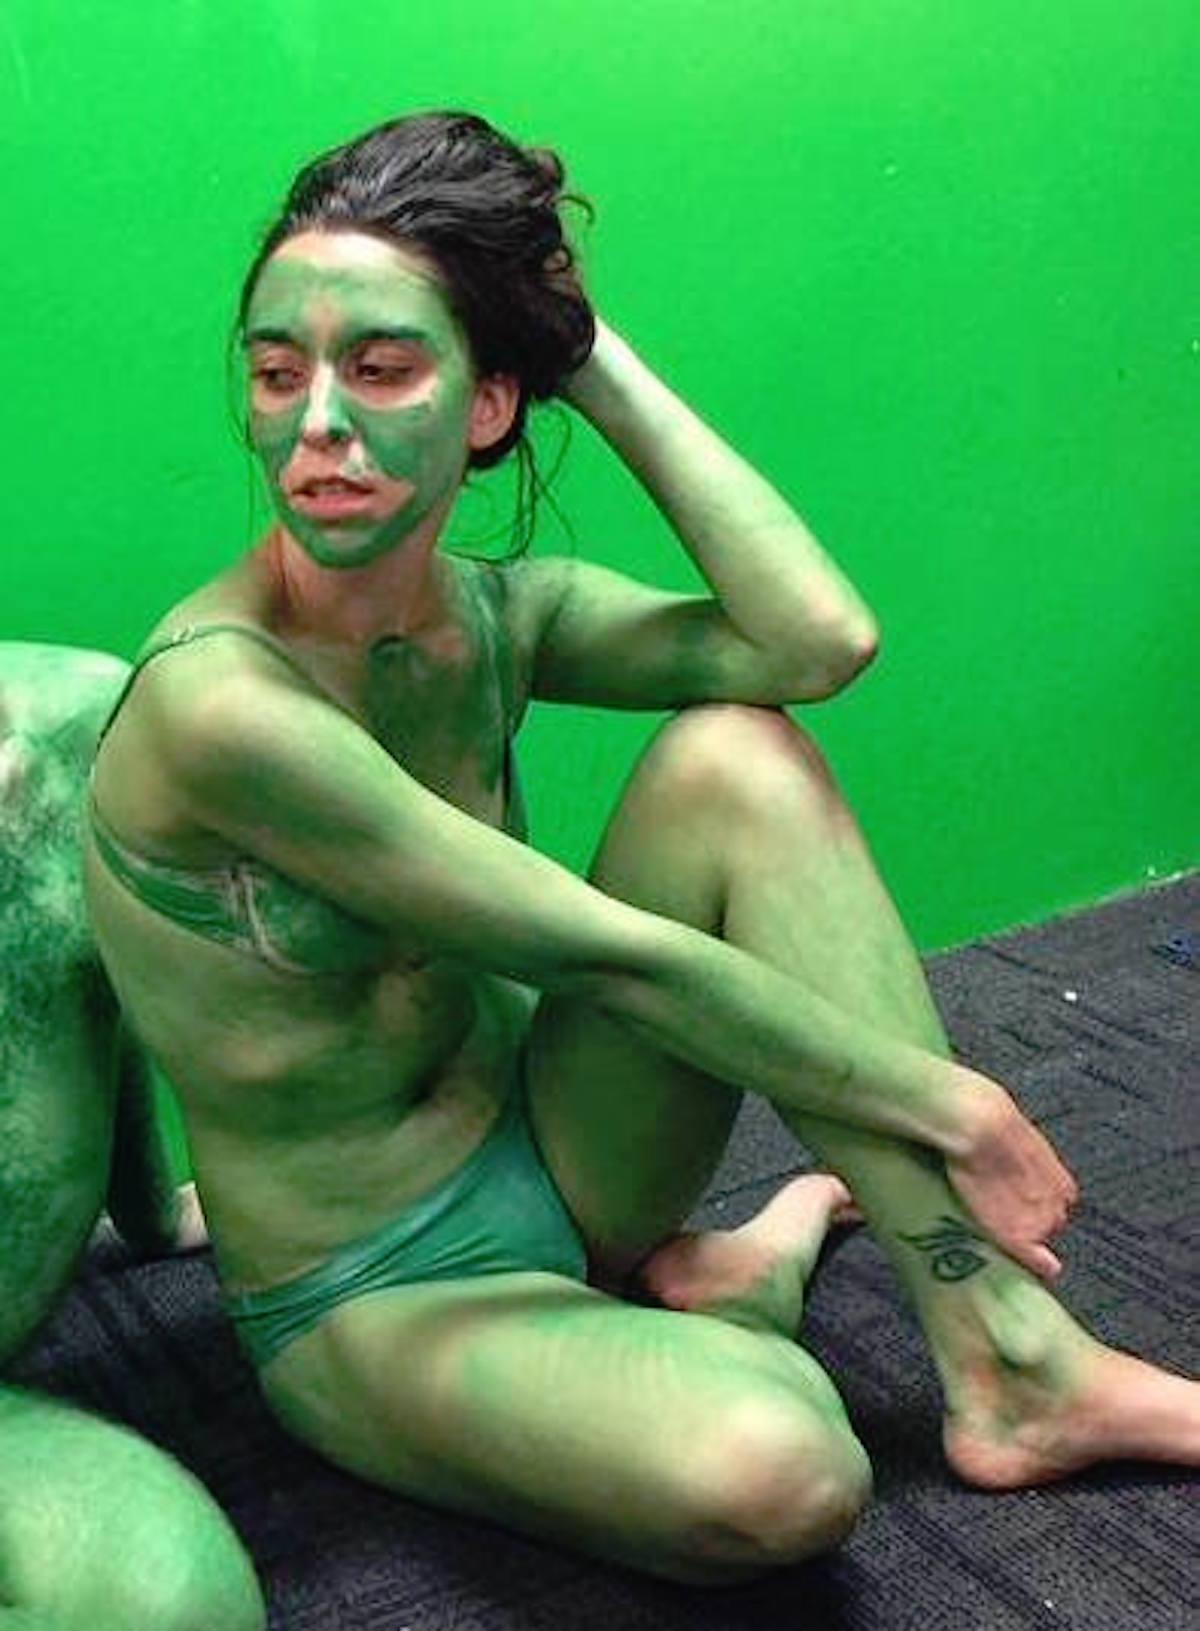 Shrek Nudes